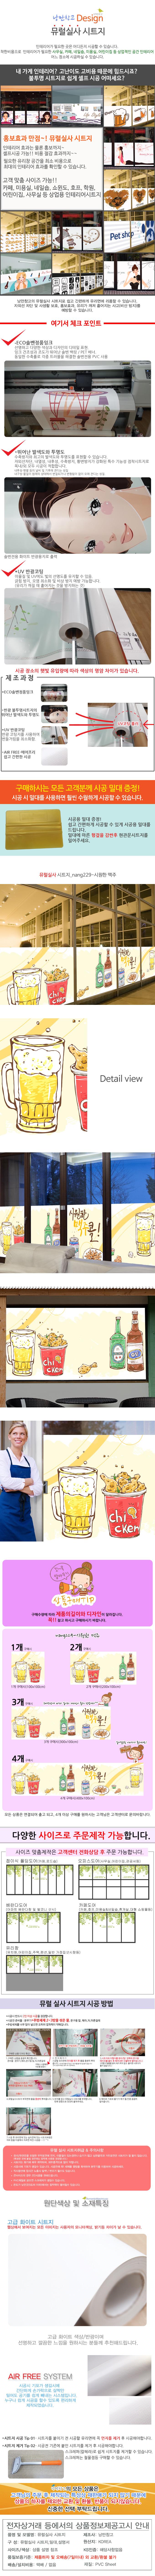 nang229-시원한 맥주-뮤럴실사 시트지 - 낭만창고, 24,500원, 벽시/시트지, 디자인 시트지